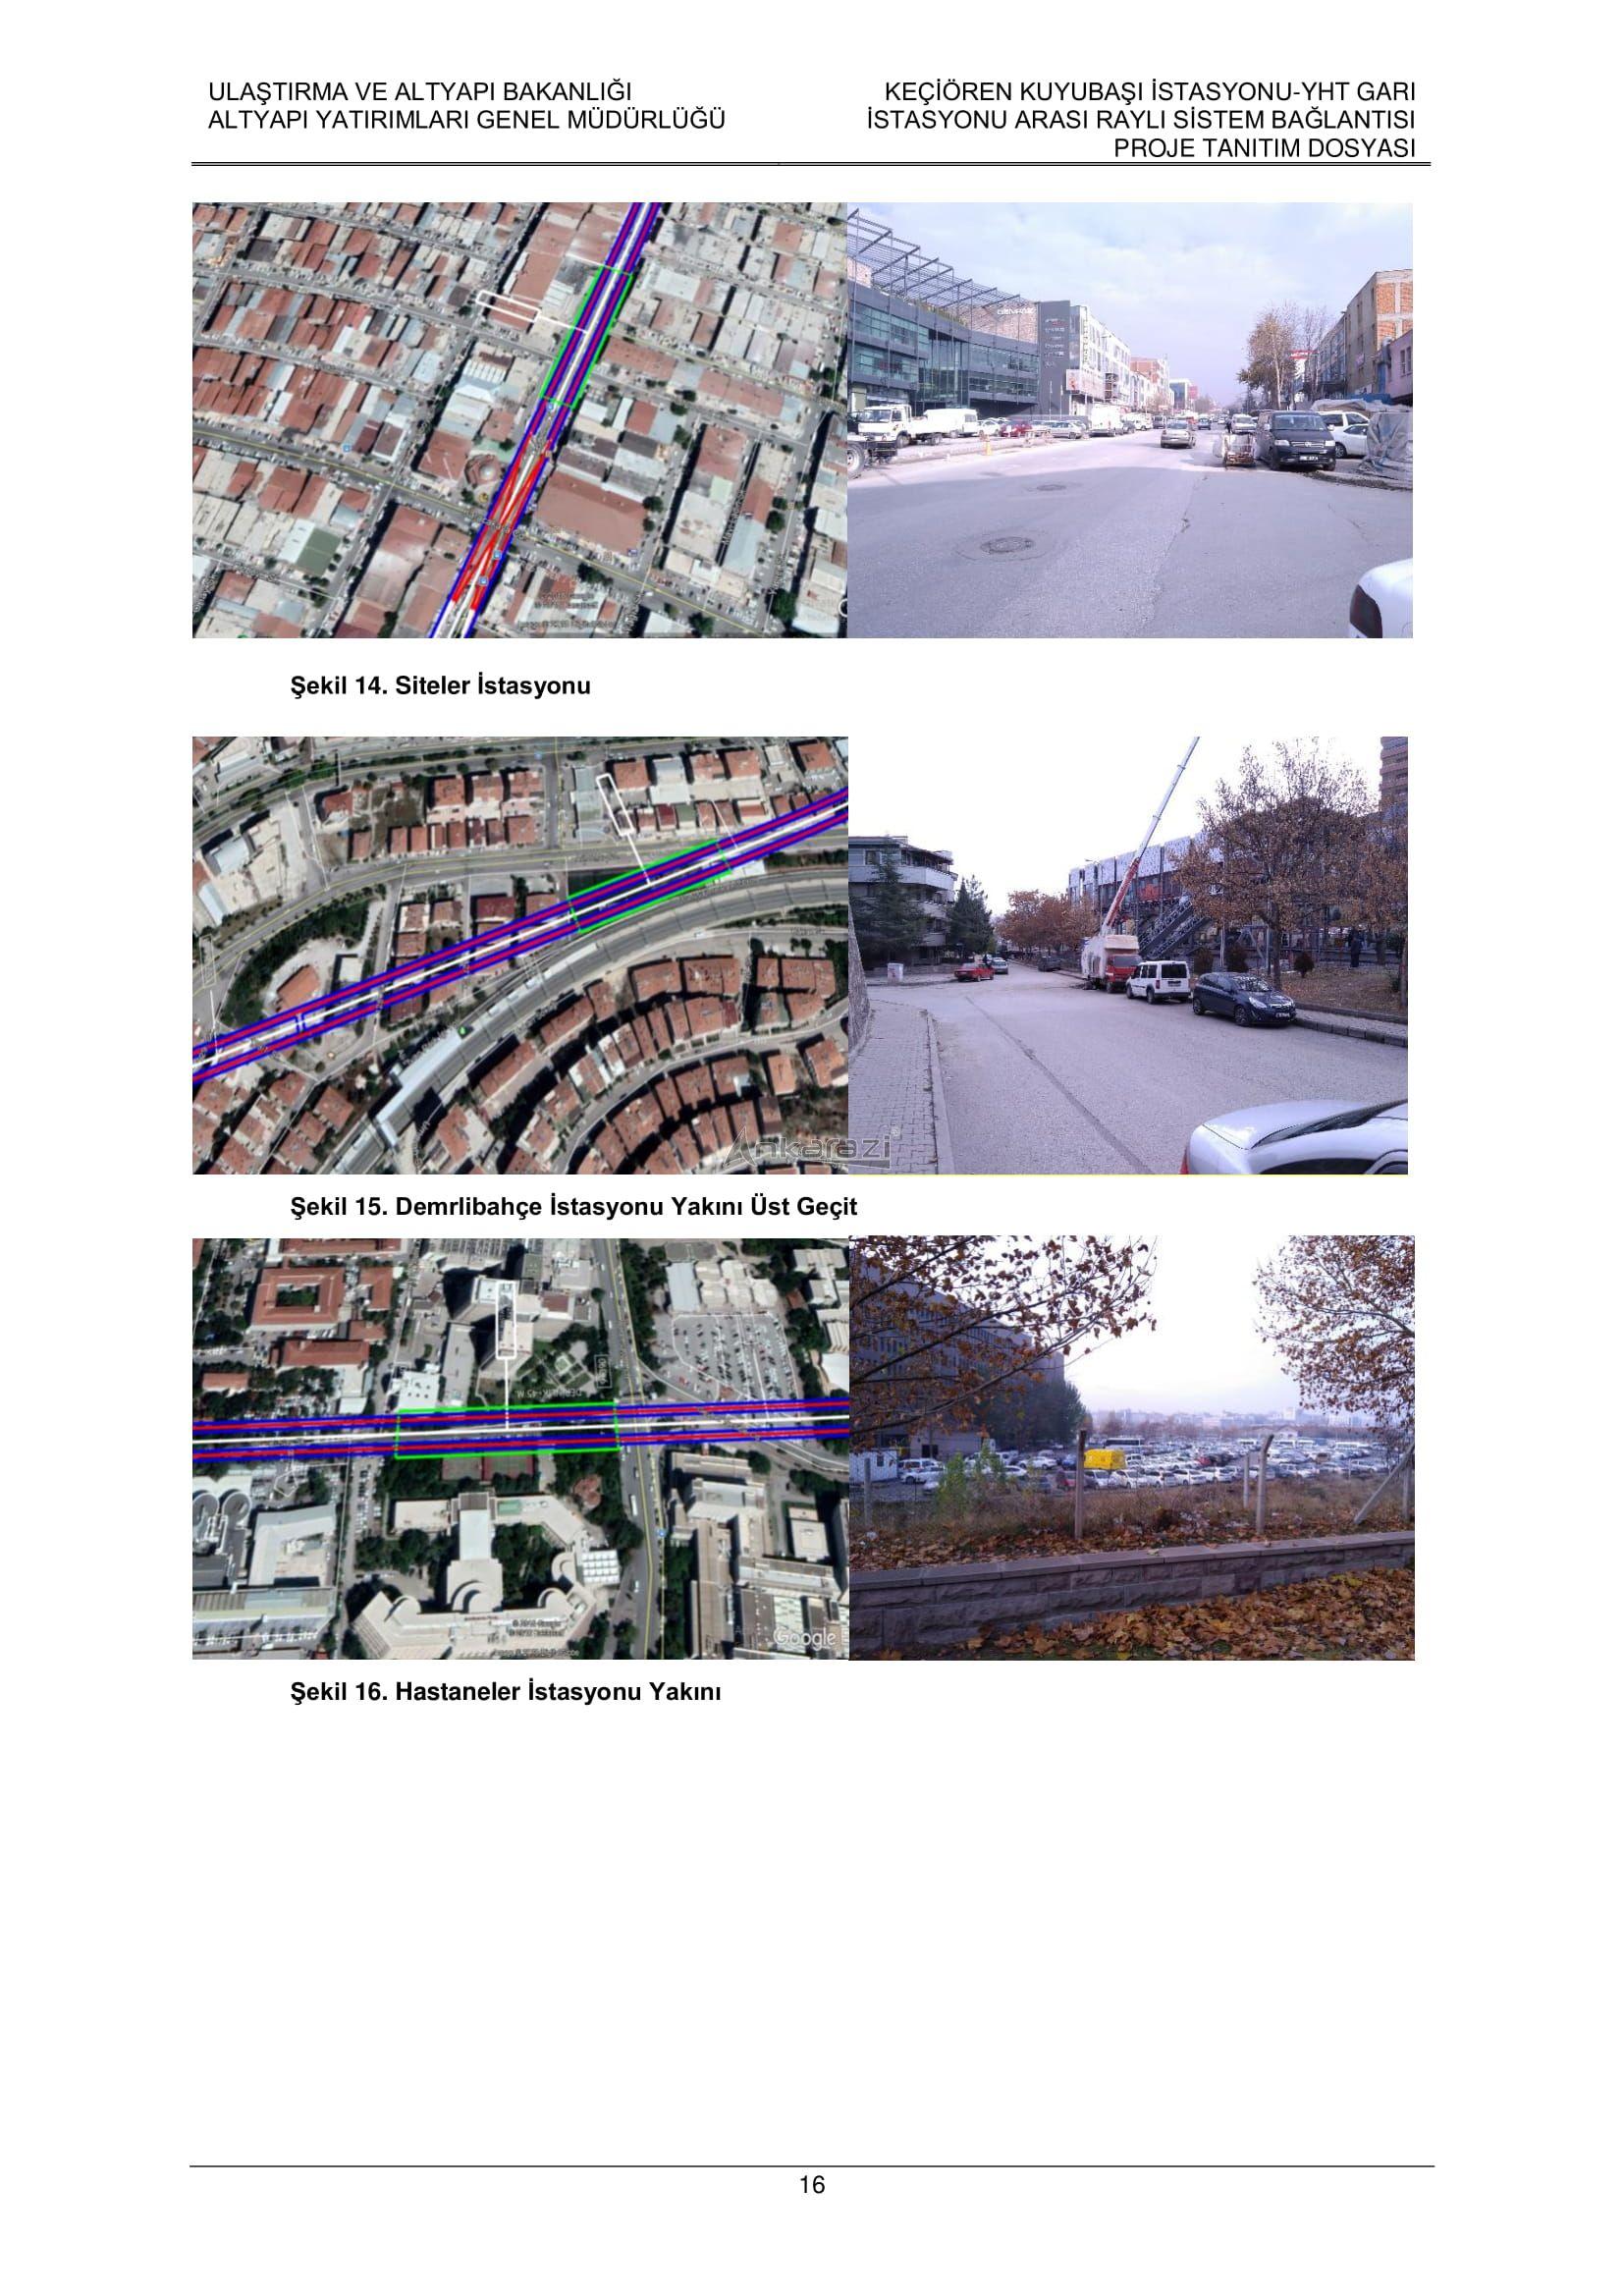 Keçiören-Siteler-YHT Garı Metro Hattı, Nihai Proje Dosyası... 3700